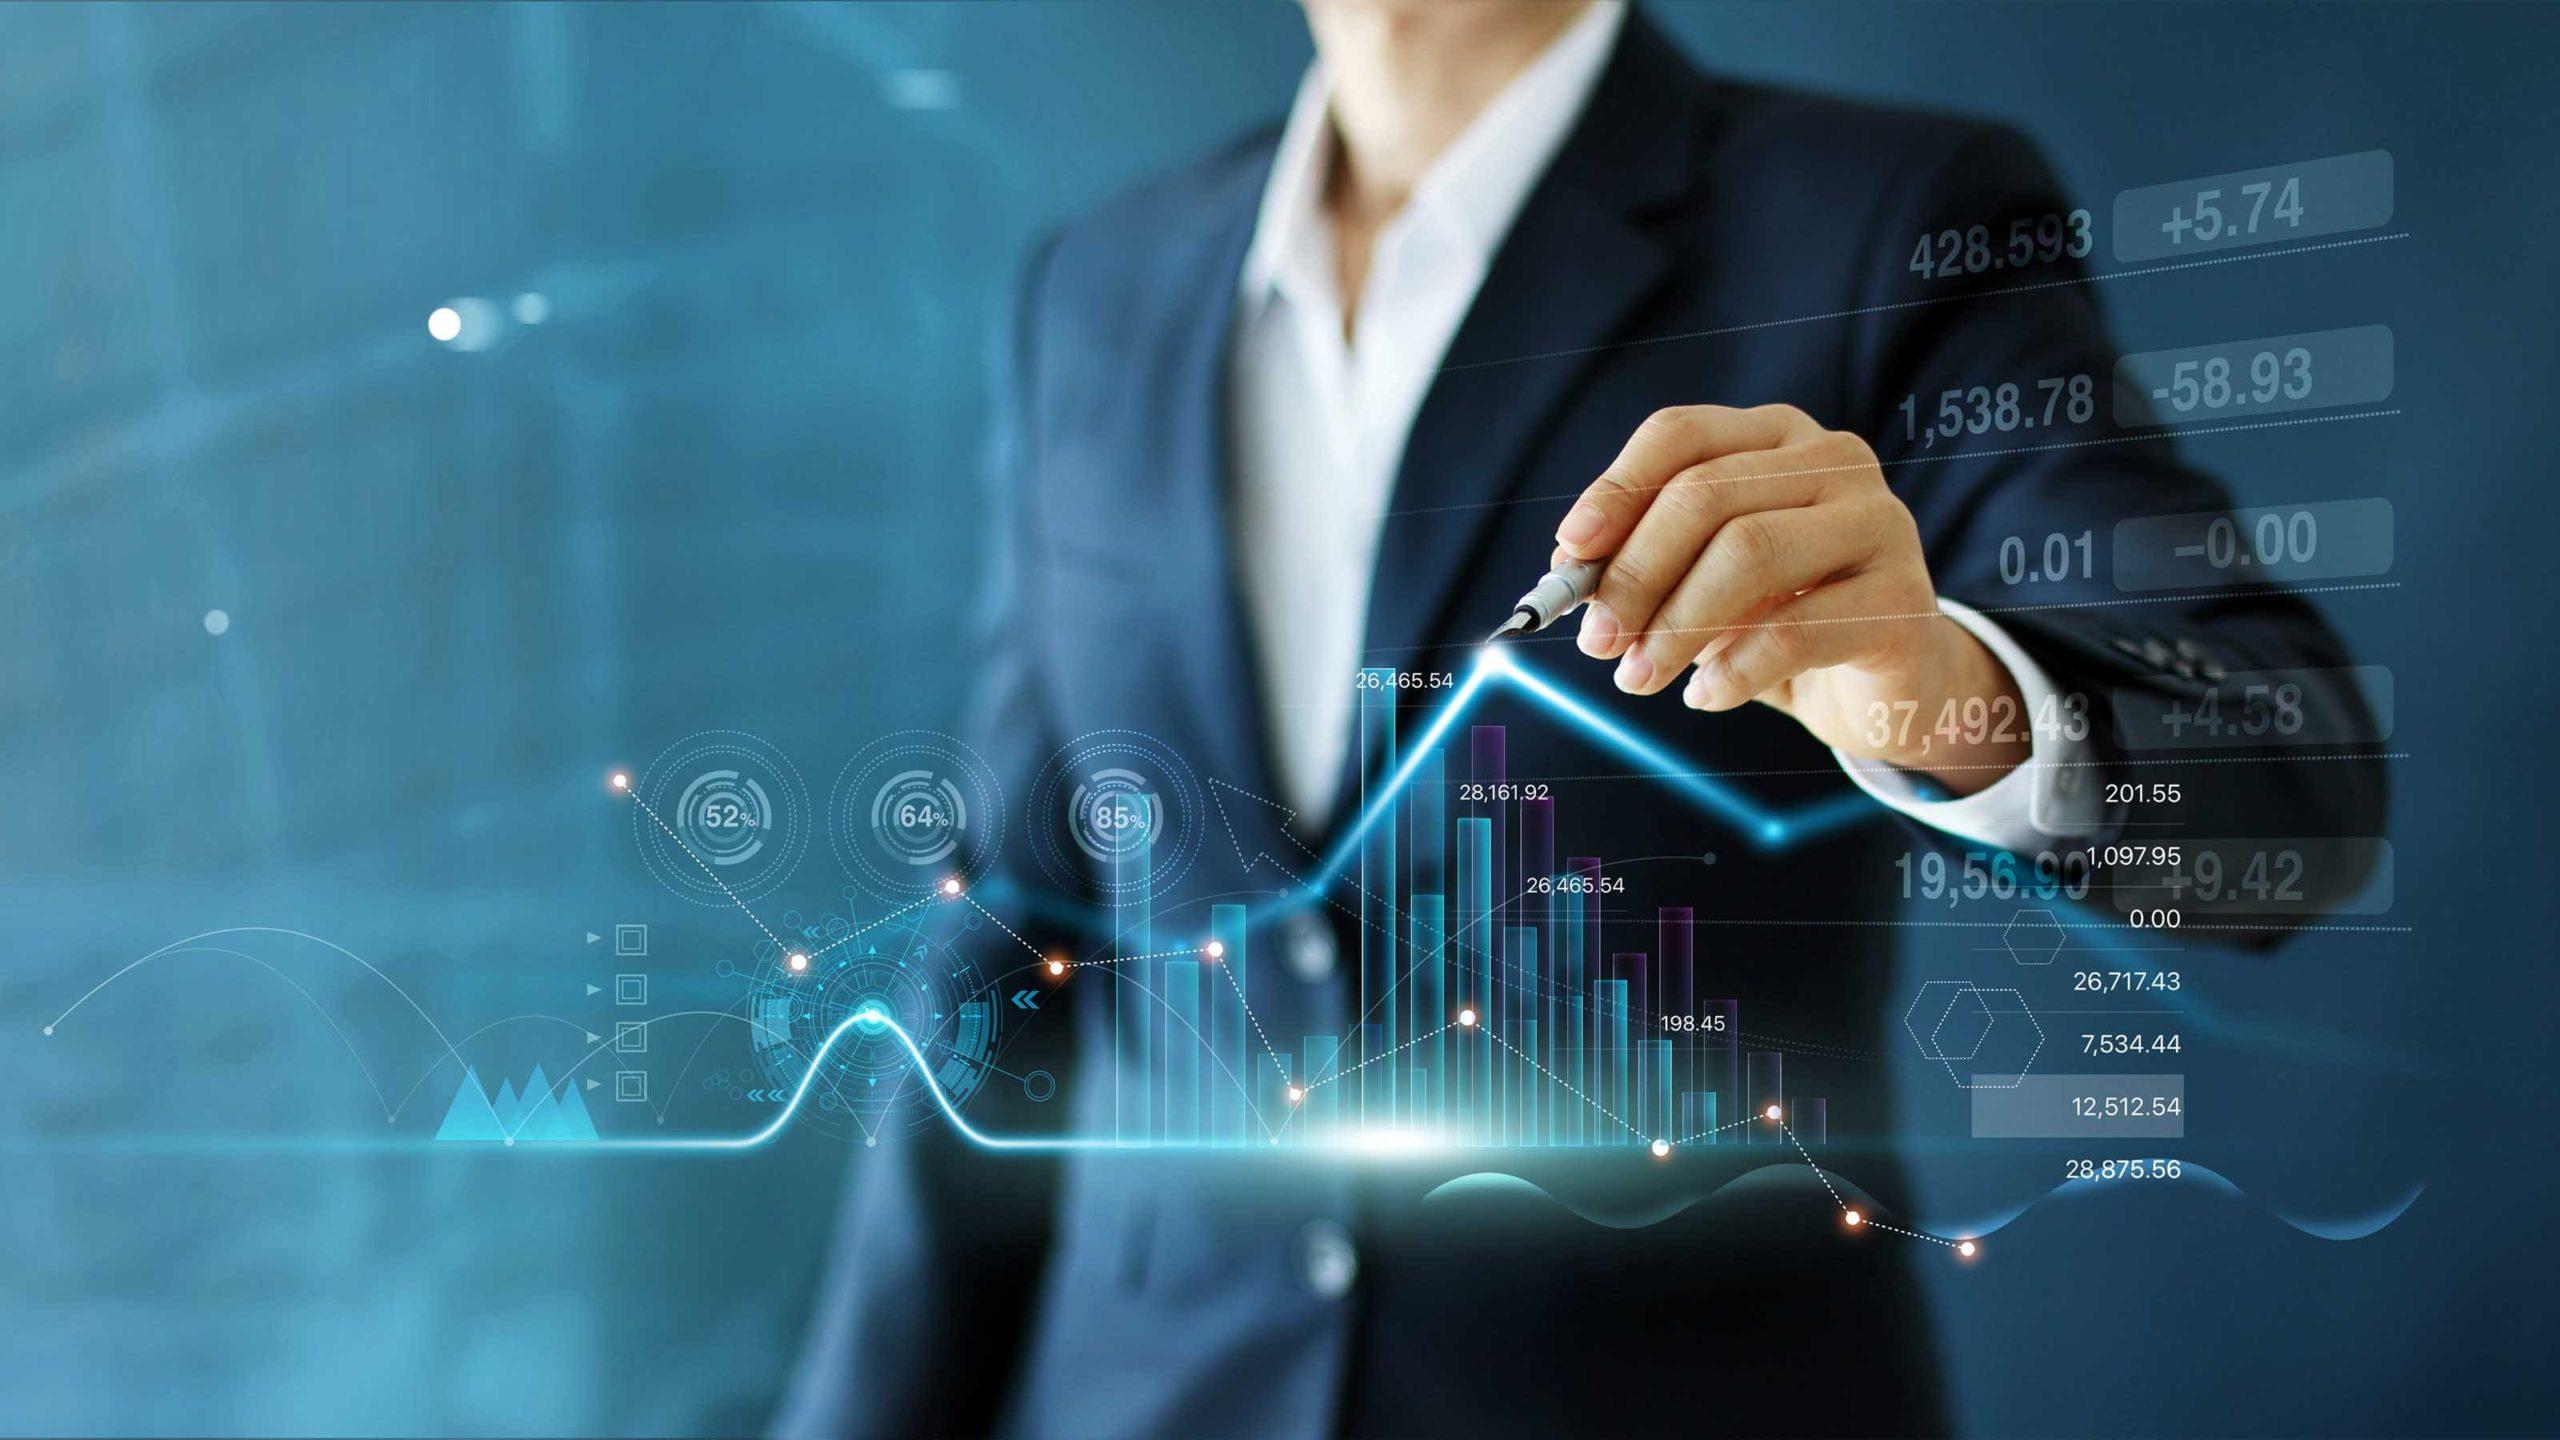 投資信託で損をする間違った投資法とは?儲からない人の5つの特徴